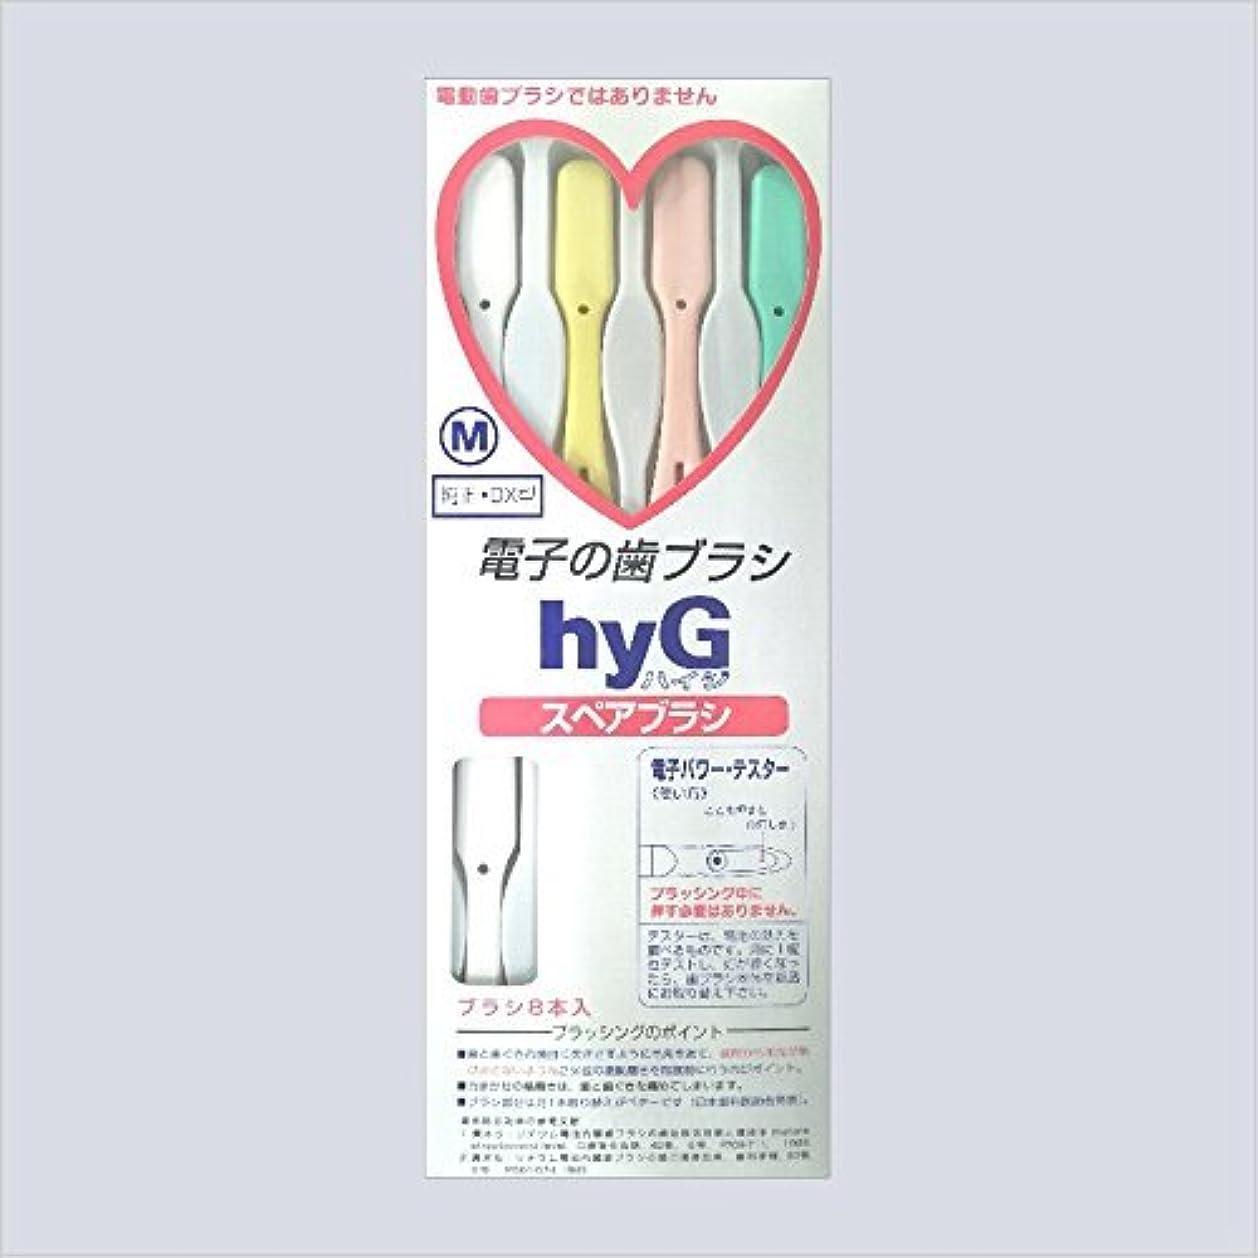 スロープケイ素巡礼者電子の歯ブラシ ハイジ(hyG)?スペアブラシ <ブラシの硬さ:Hかため> (※こちらは「スペアブラシ」です )?hyG-DX型